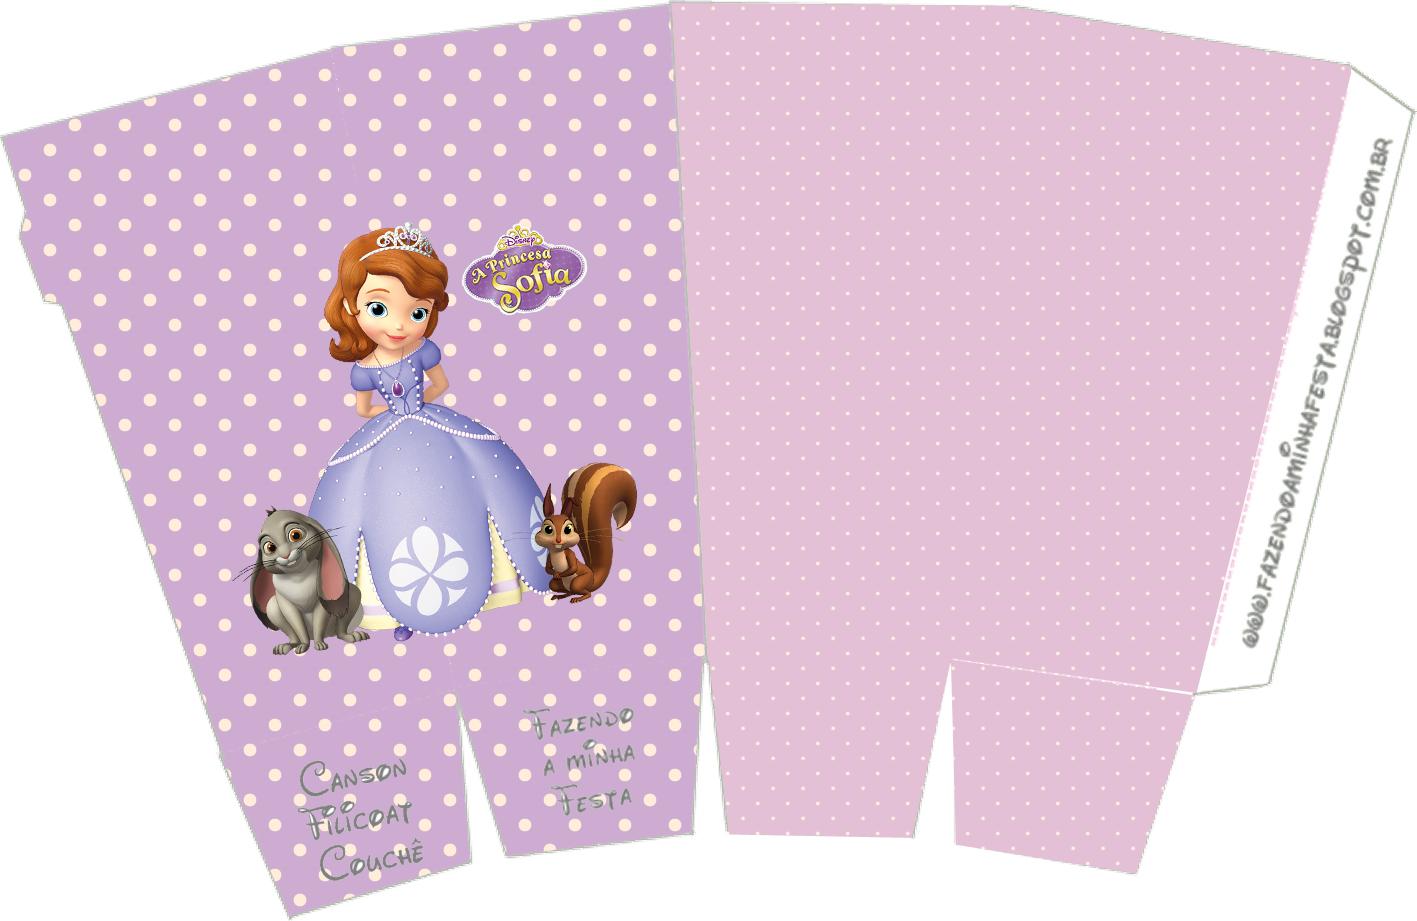 http://fazendoanossafesta.com.br/2013/04/princesinha-sofia-da-disney-kit-completo-com-molduras-para-convites-rotulos-para-guloseimas-lembrancinhas-e-imagens.html